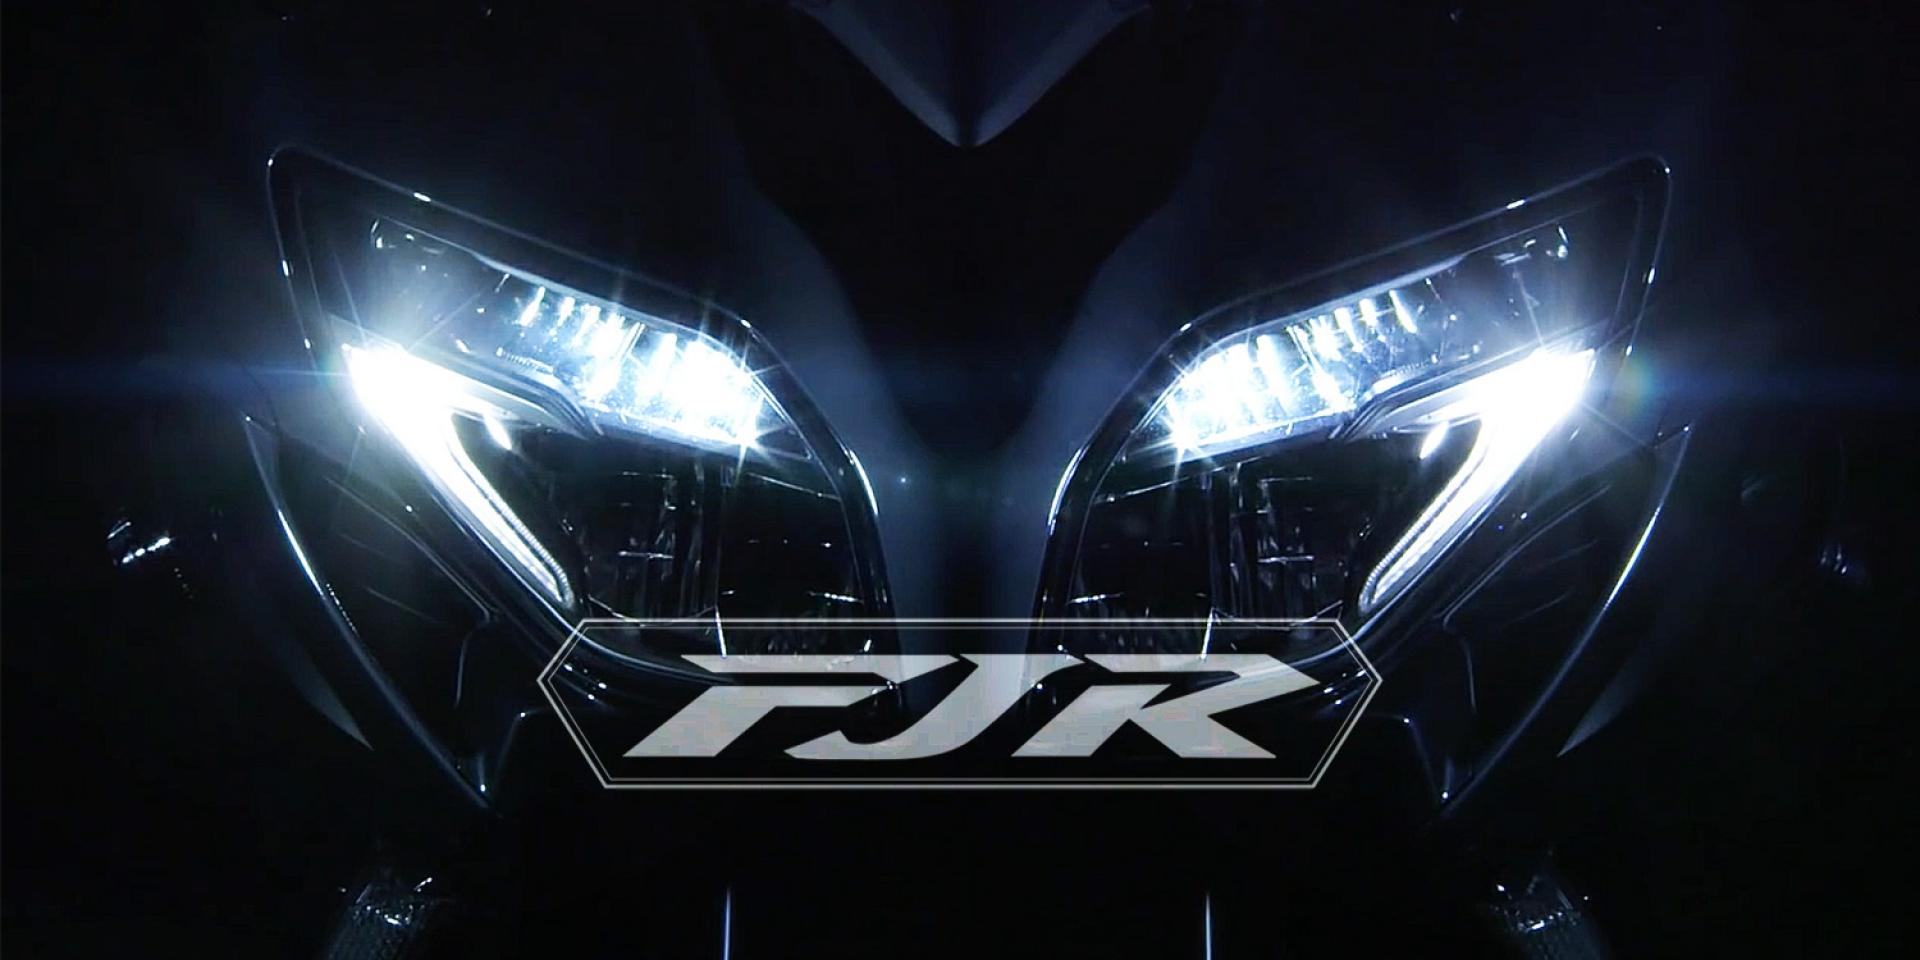 影片解析。2016 YAMAHA FJR1300 LED轉向頭燈技術